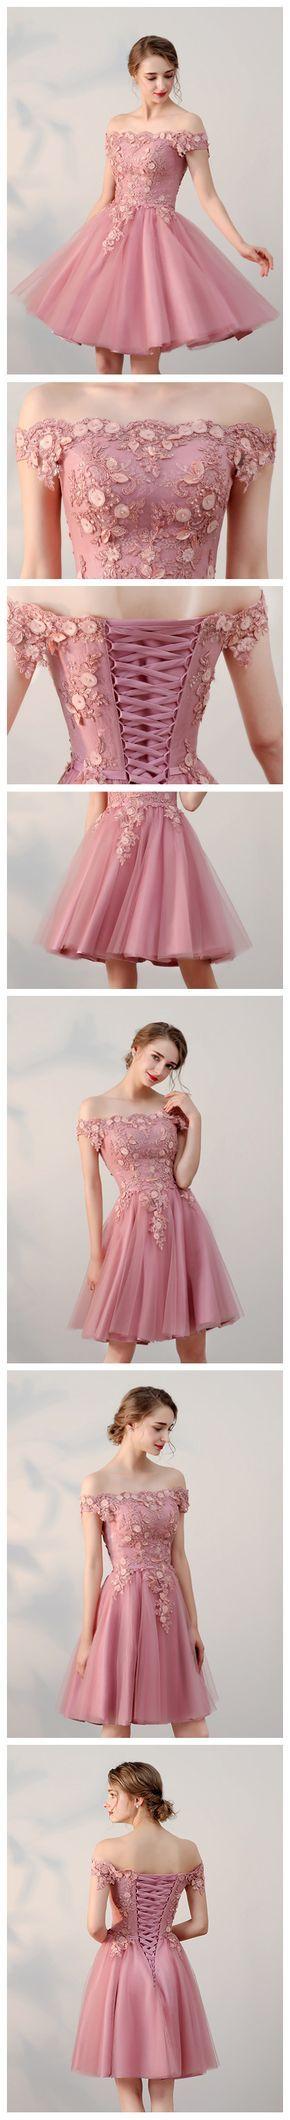 Boneca 15 Años Vestidos De Vestidos Color Rosa Palo Y